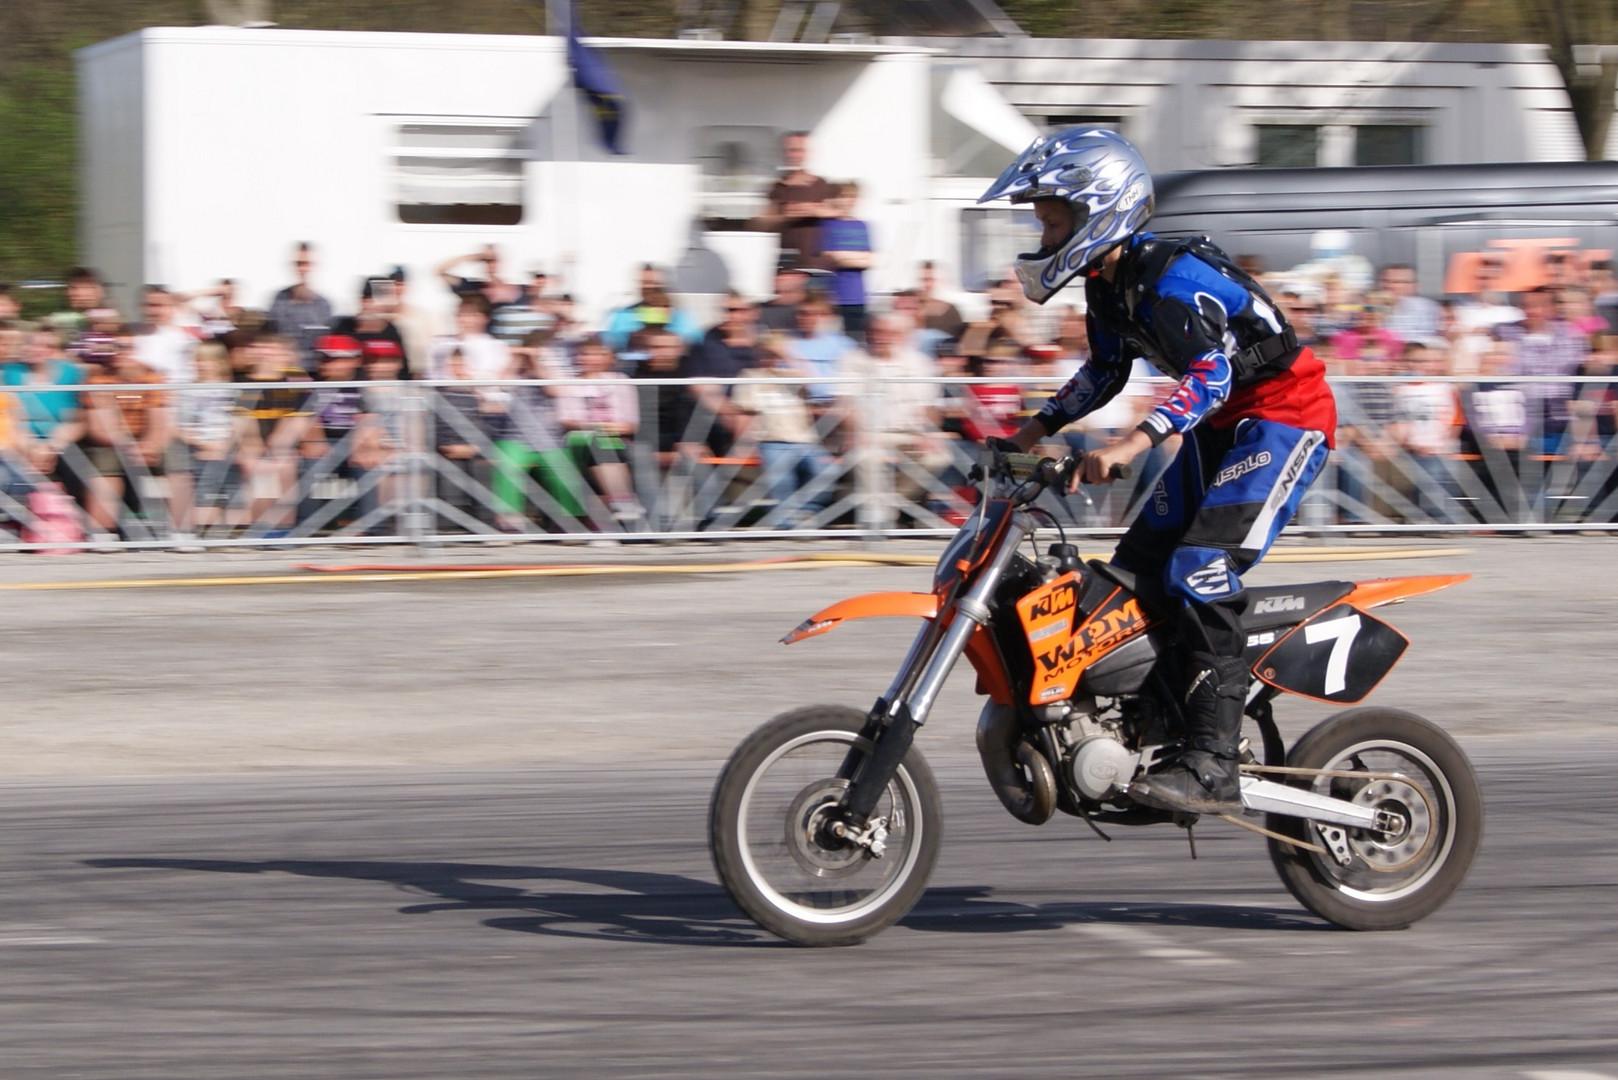 KTM Motorradstund Show